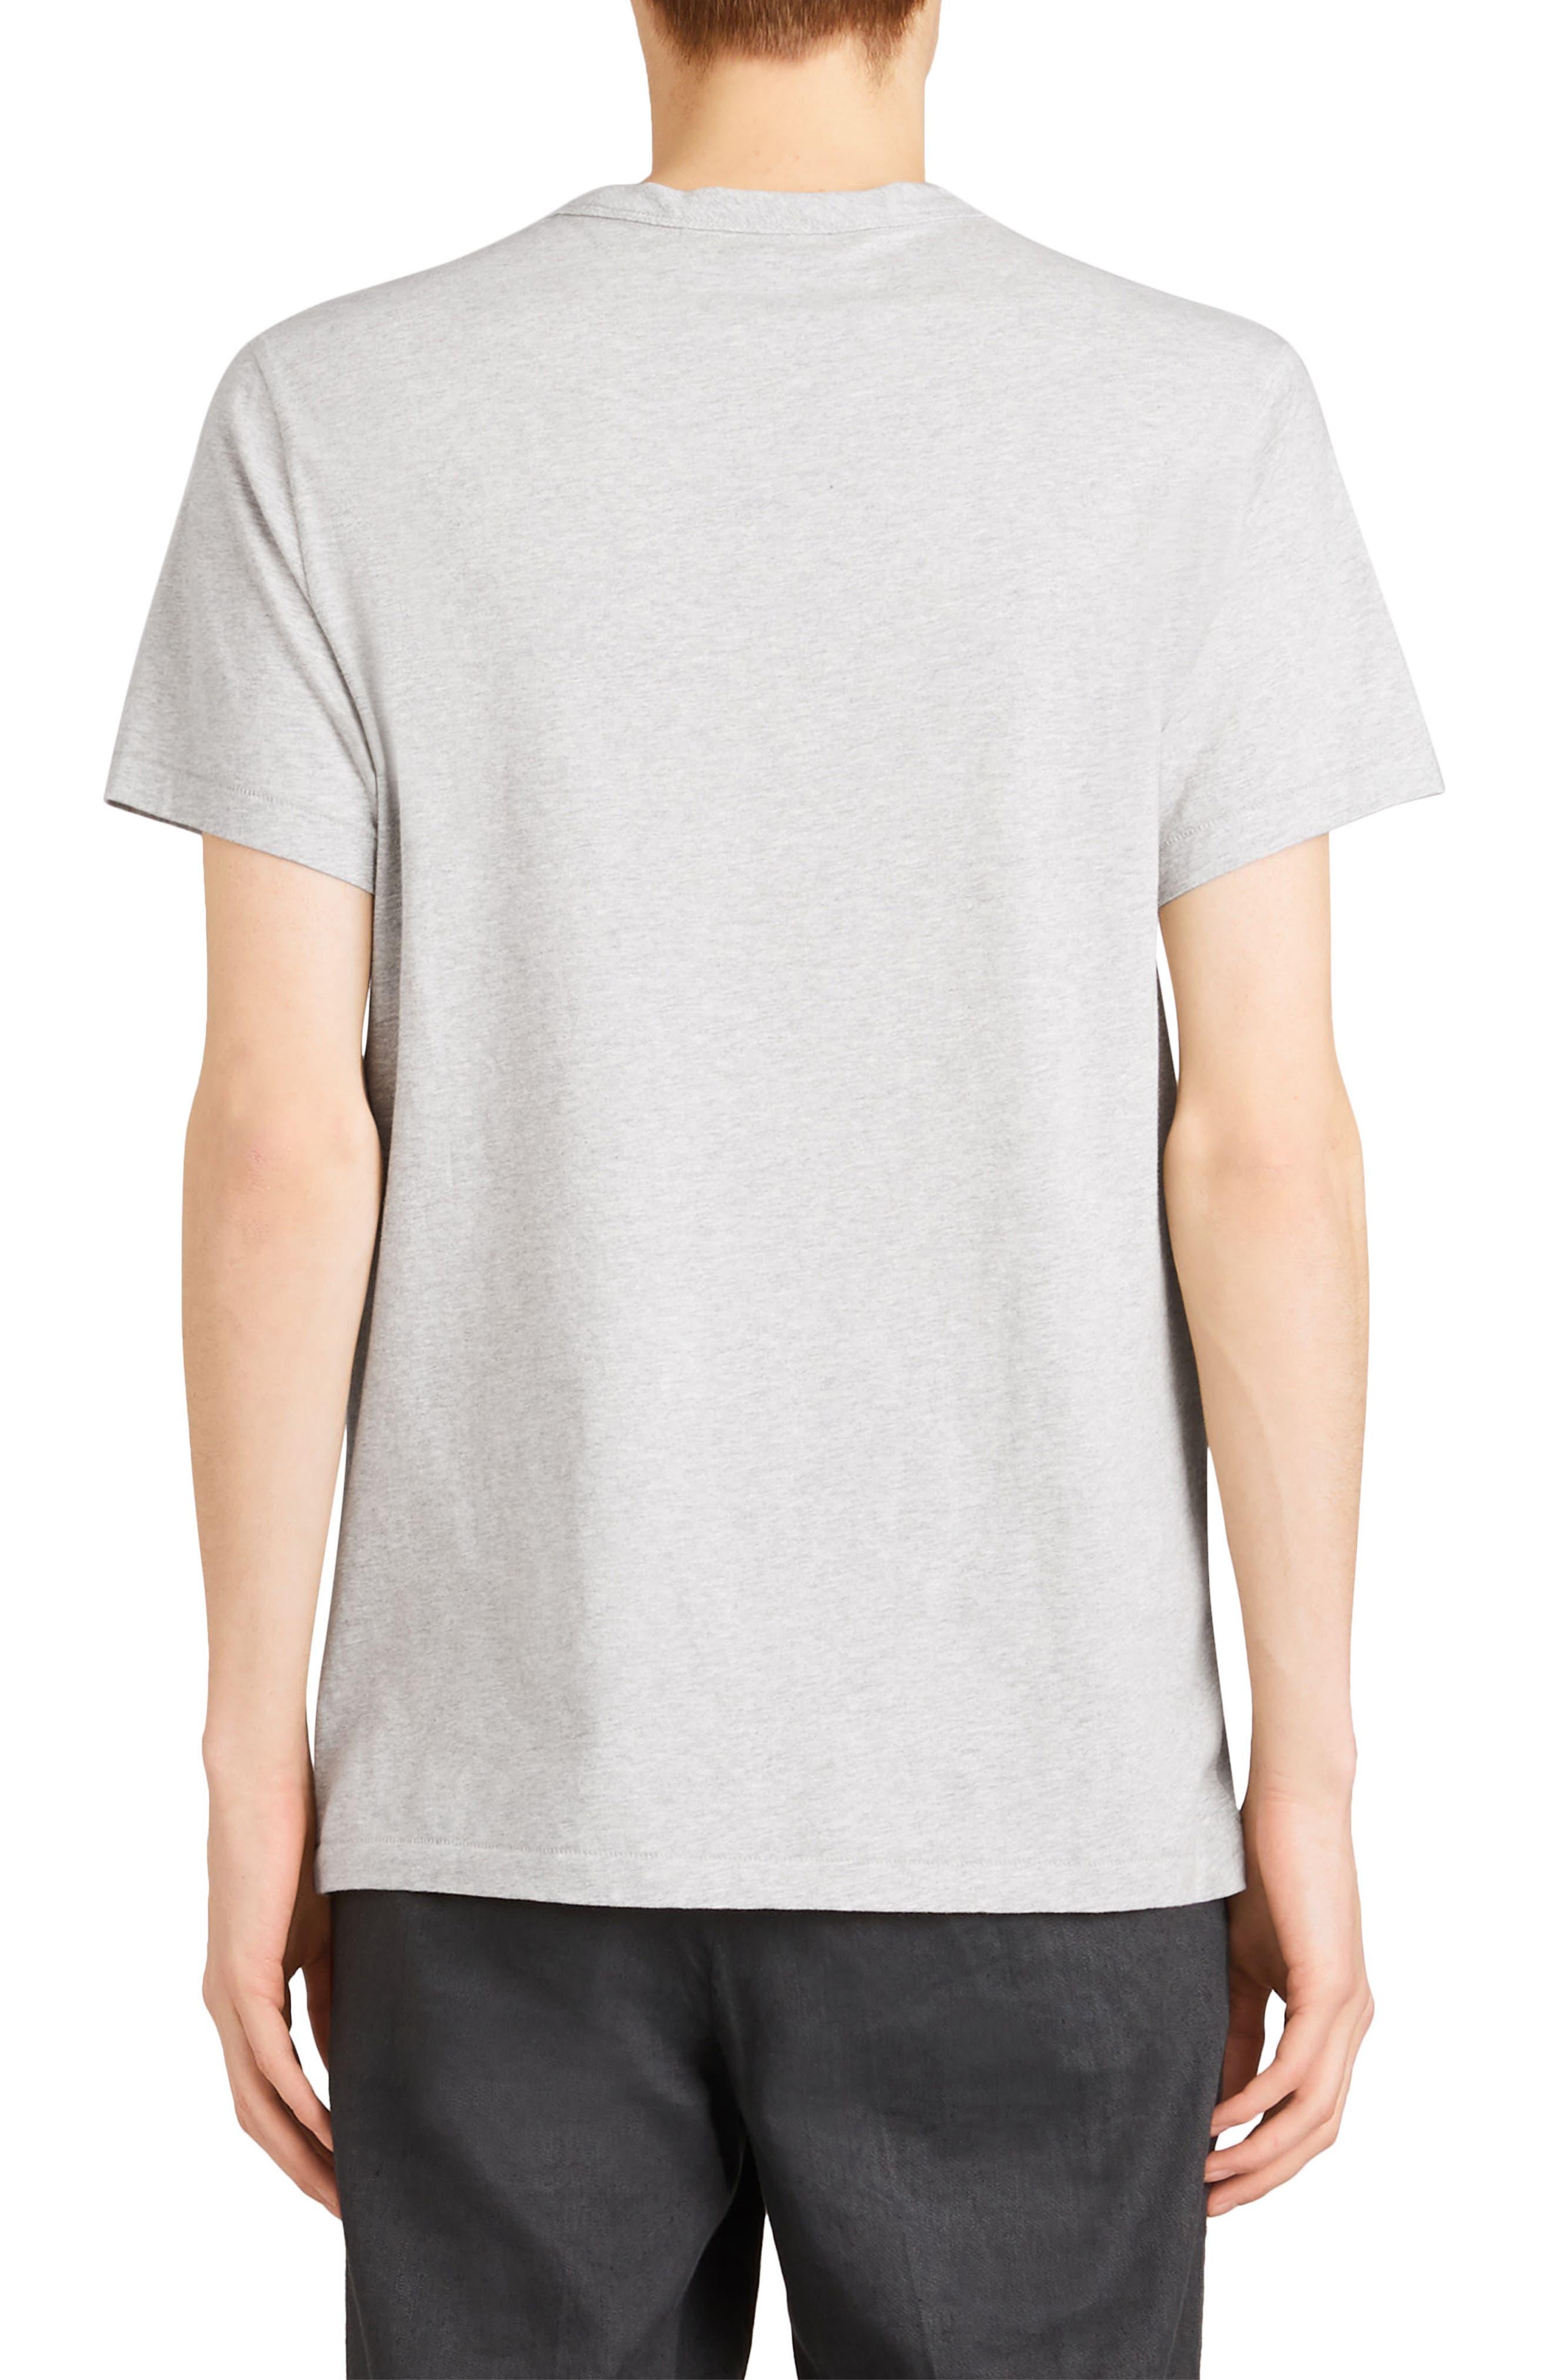 Henton T-Shirt,                             Alternate thumbnail 2, color,                             050